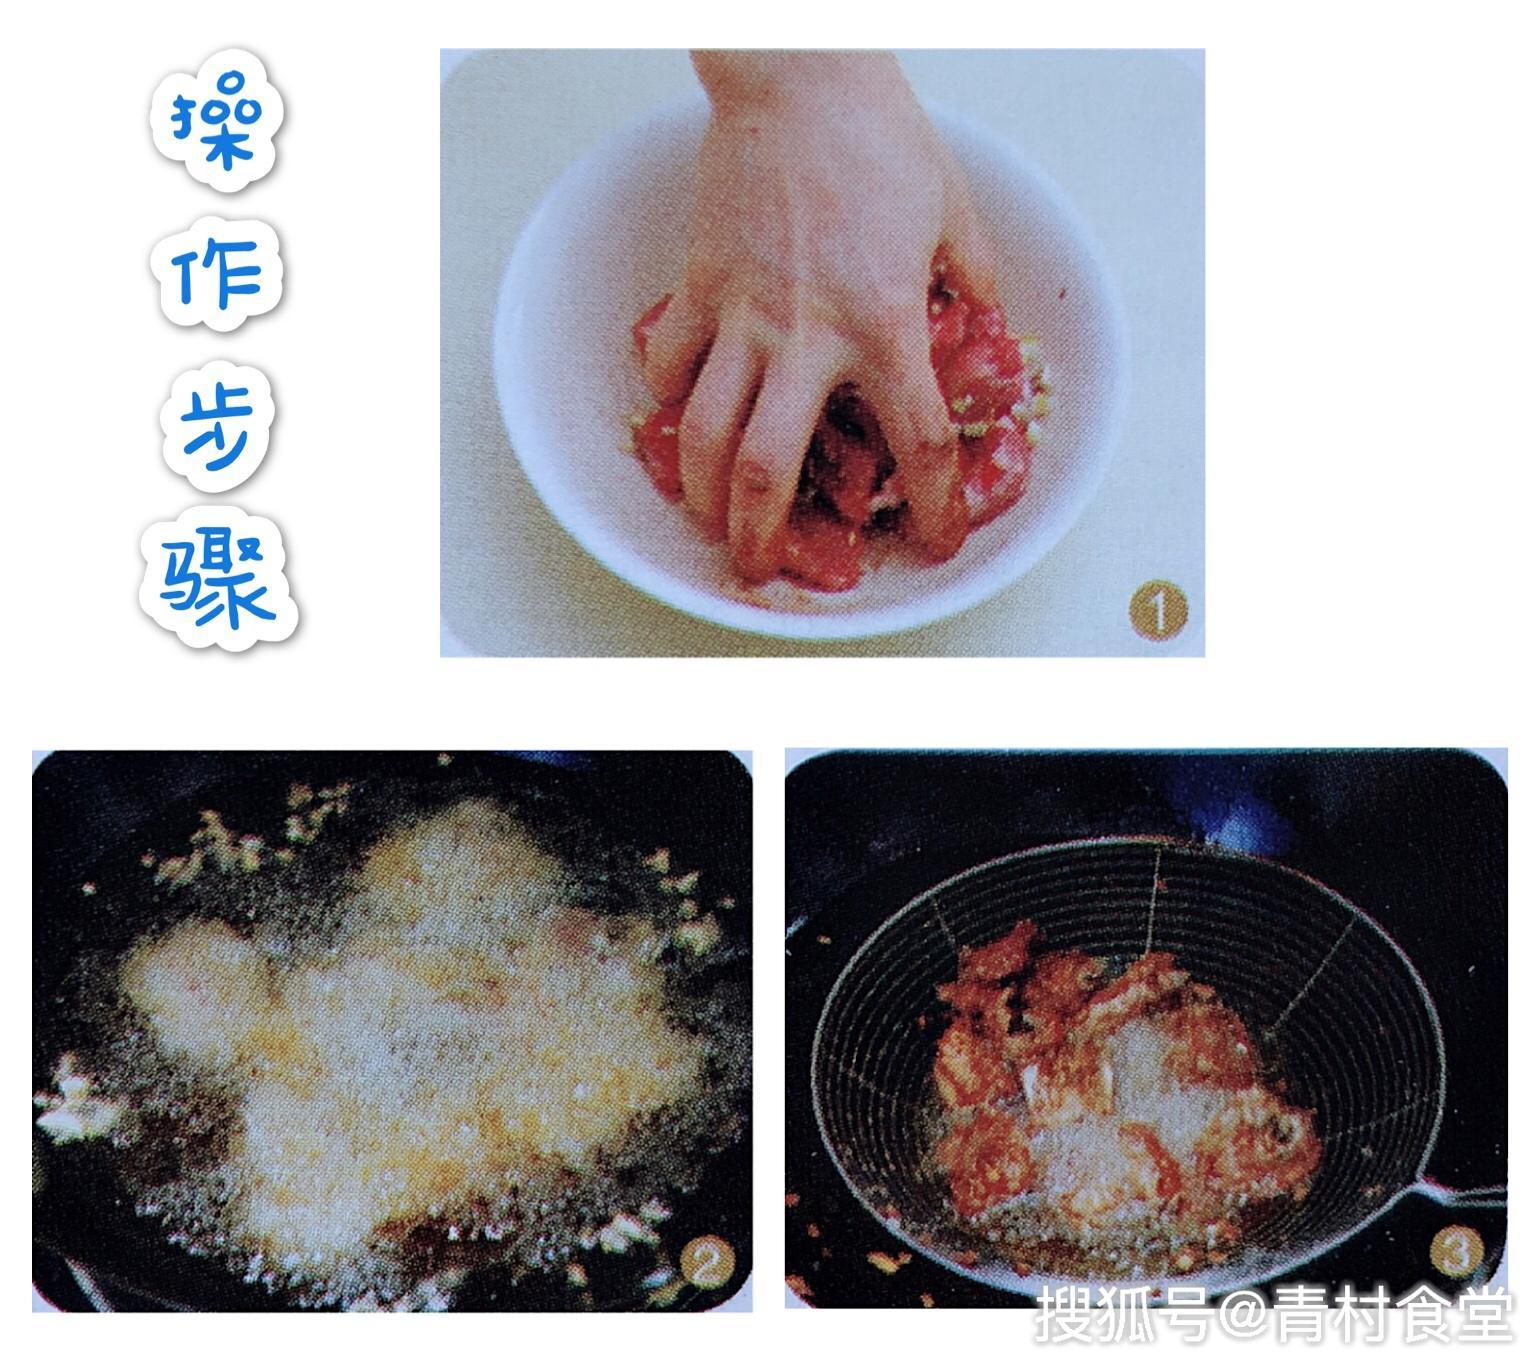 原创软炒,烹饪技巧之一,哪些食材适合它?你一定要学学